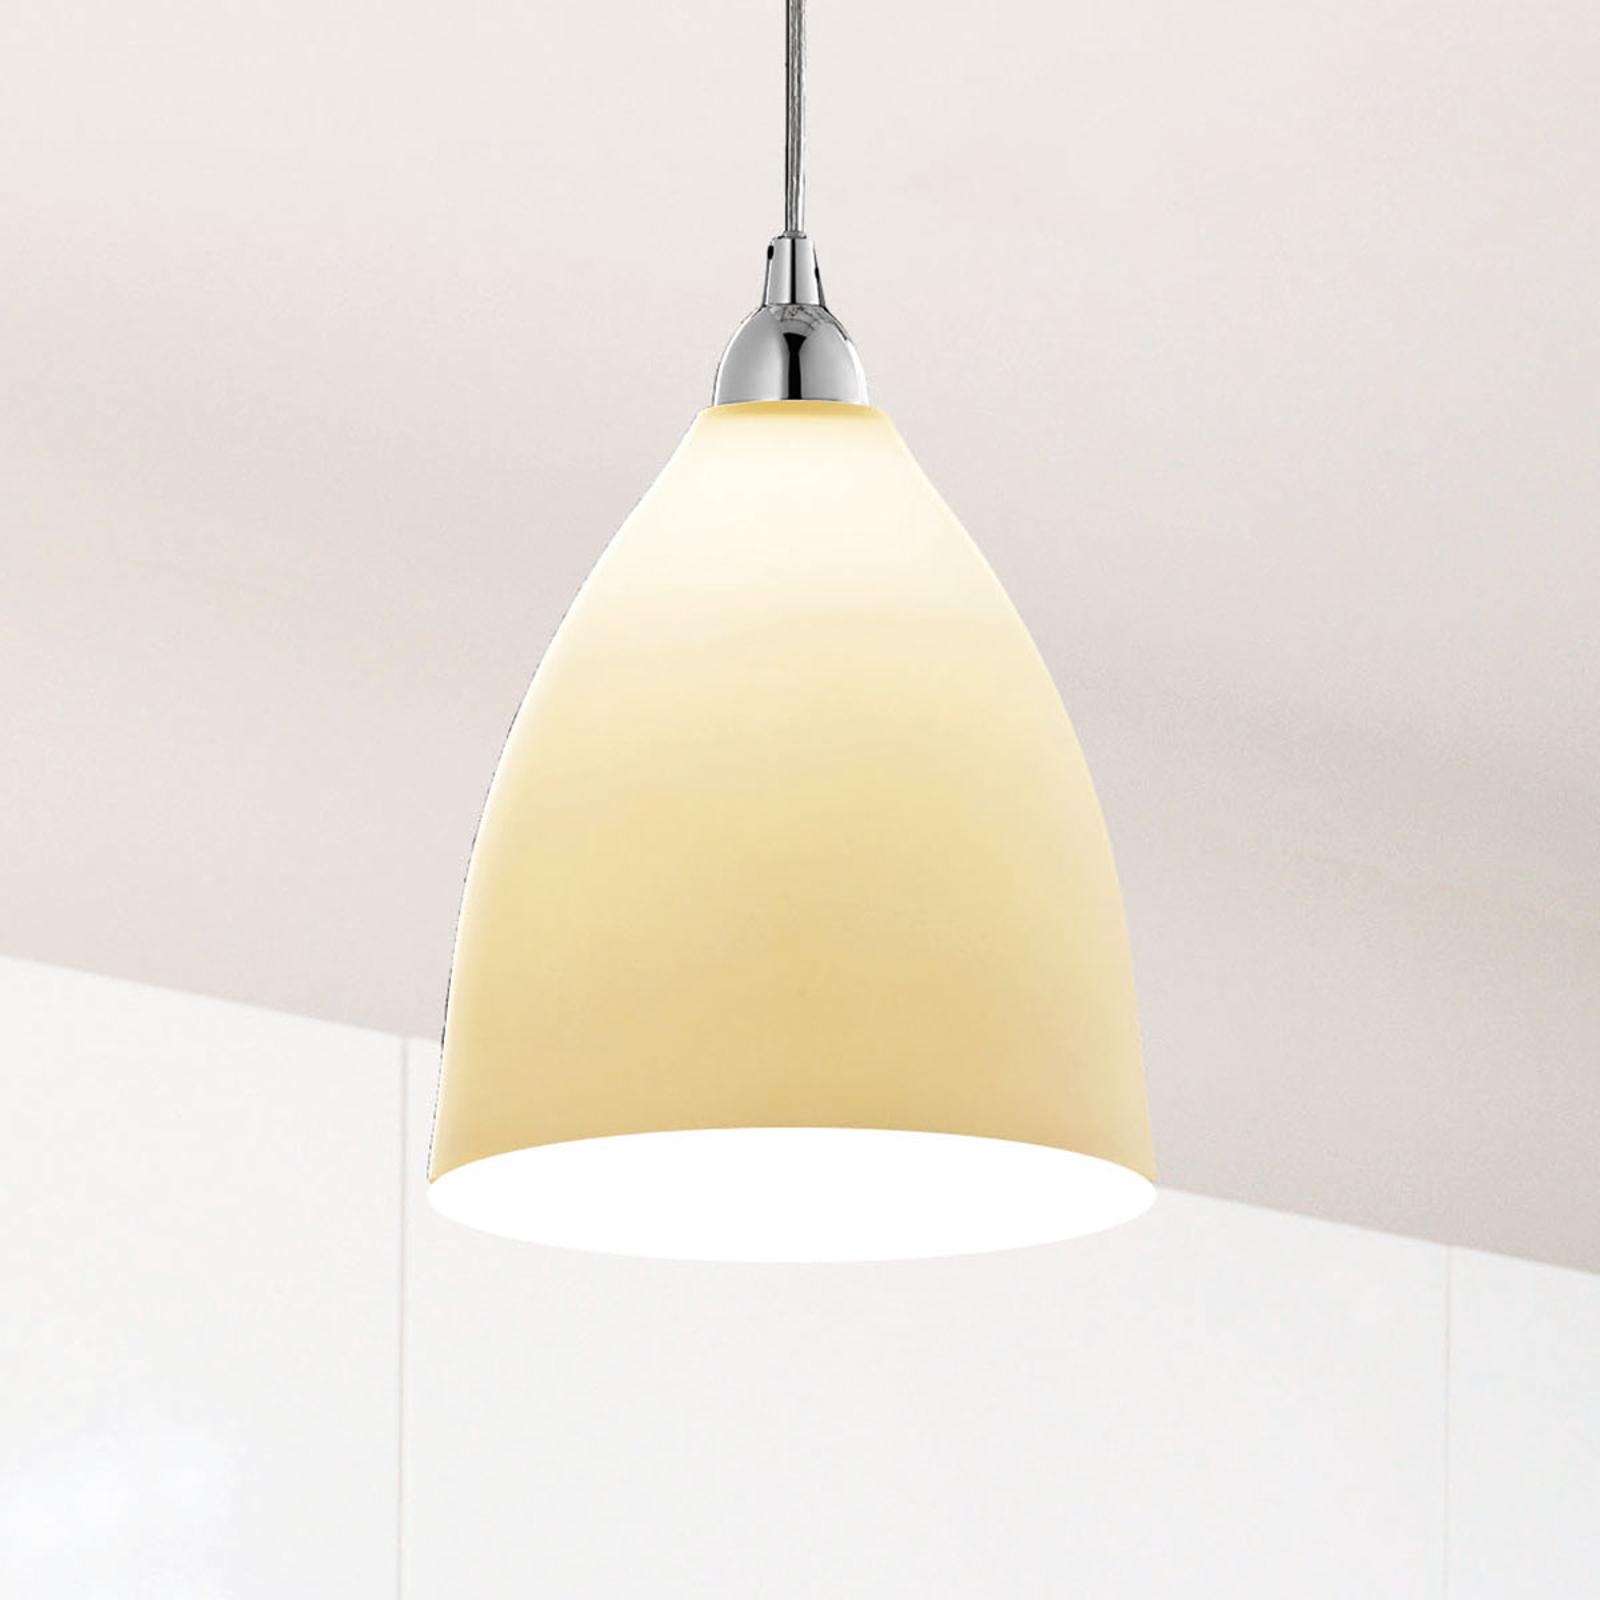 Szklana lampa wisząca PROVENZA, 20 cm, bursztyn